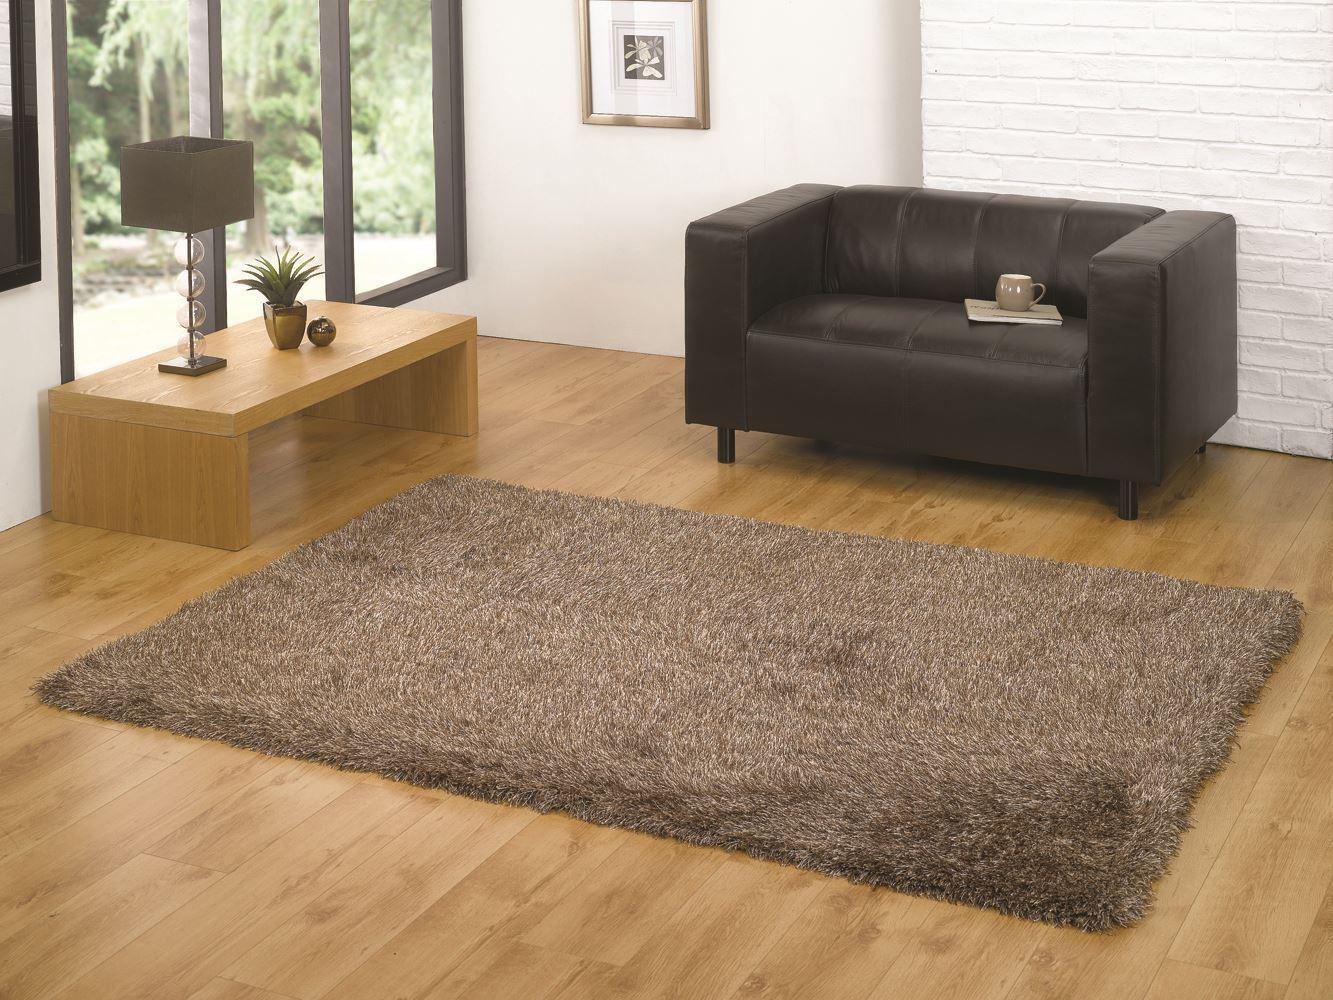 santa cruz tapis poil long profond epais moelleux rond. Black Bedroom Furniture Sets. Home Design Ideas